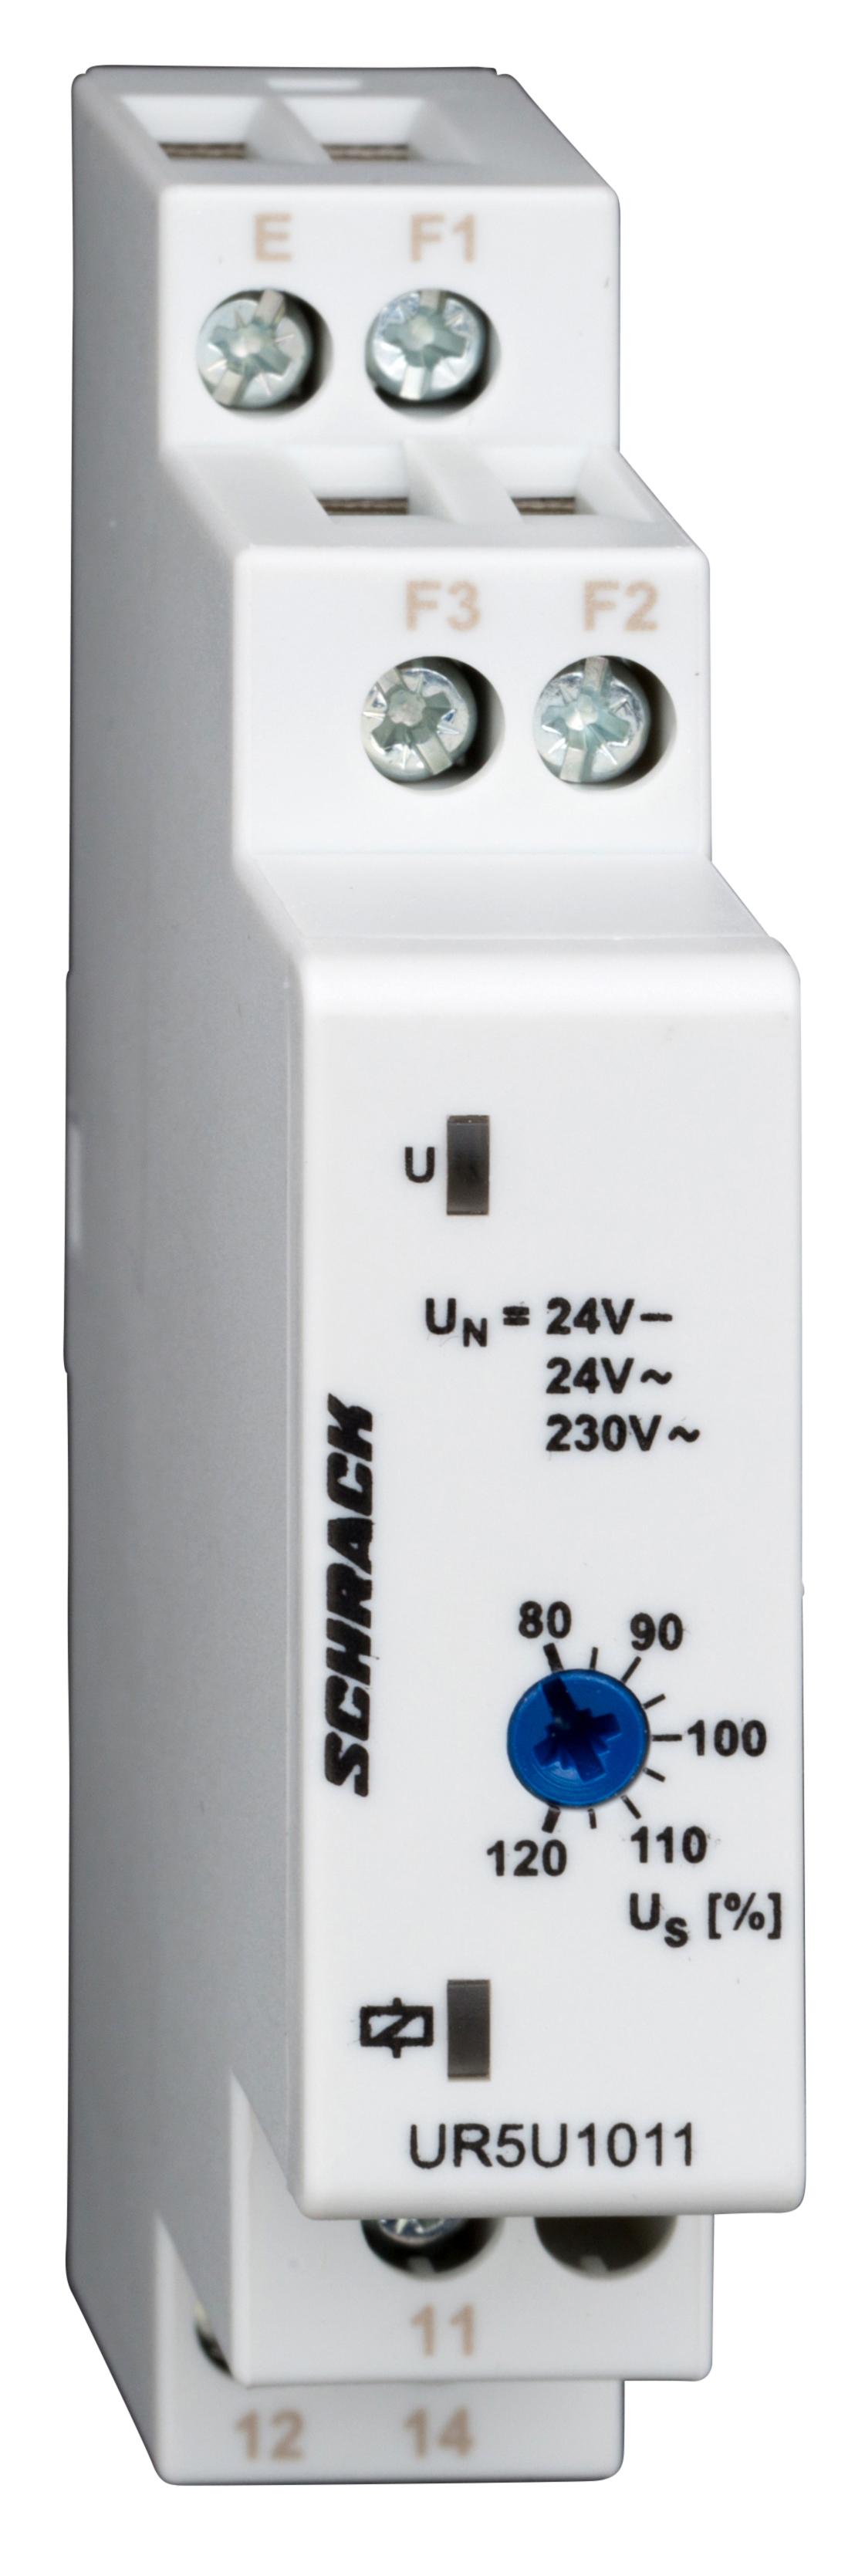 1 Stk Spannungsüberwachungsrelais für 1-Phasennetze AC/DC, 1 polig UR5U1011--